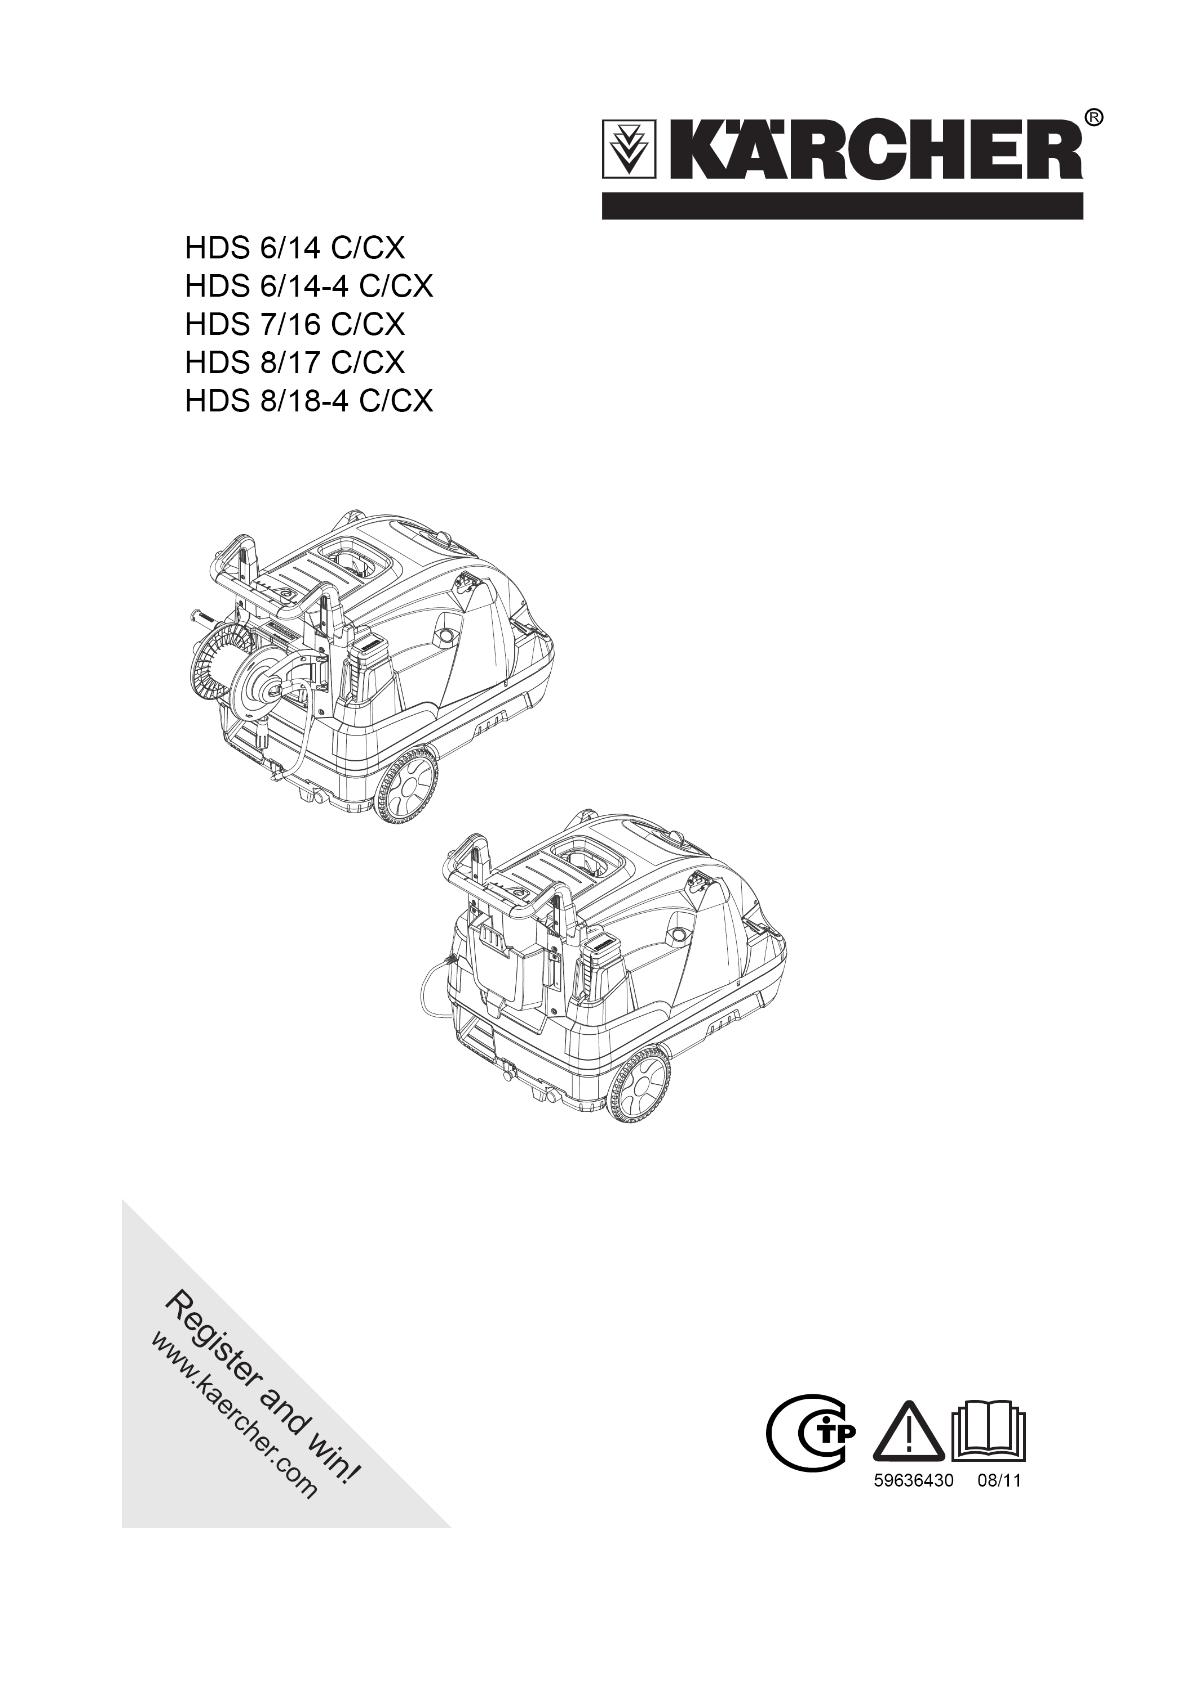 热水高压清洗机 HDS 7_16 C说明书下载